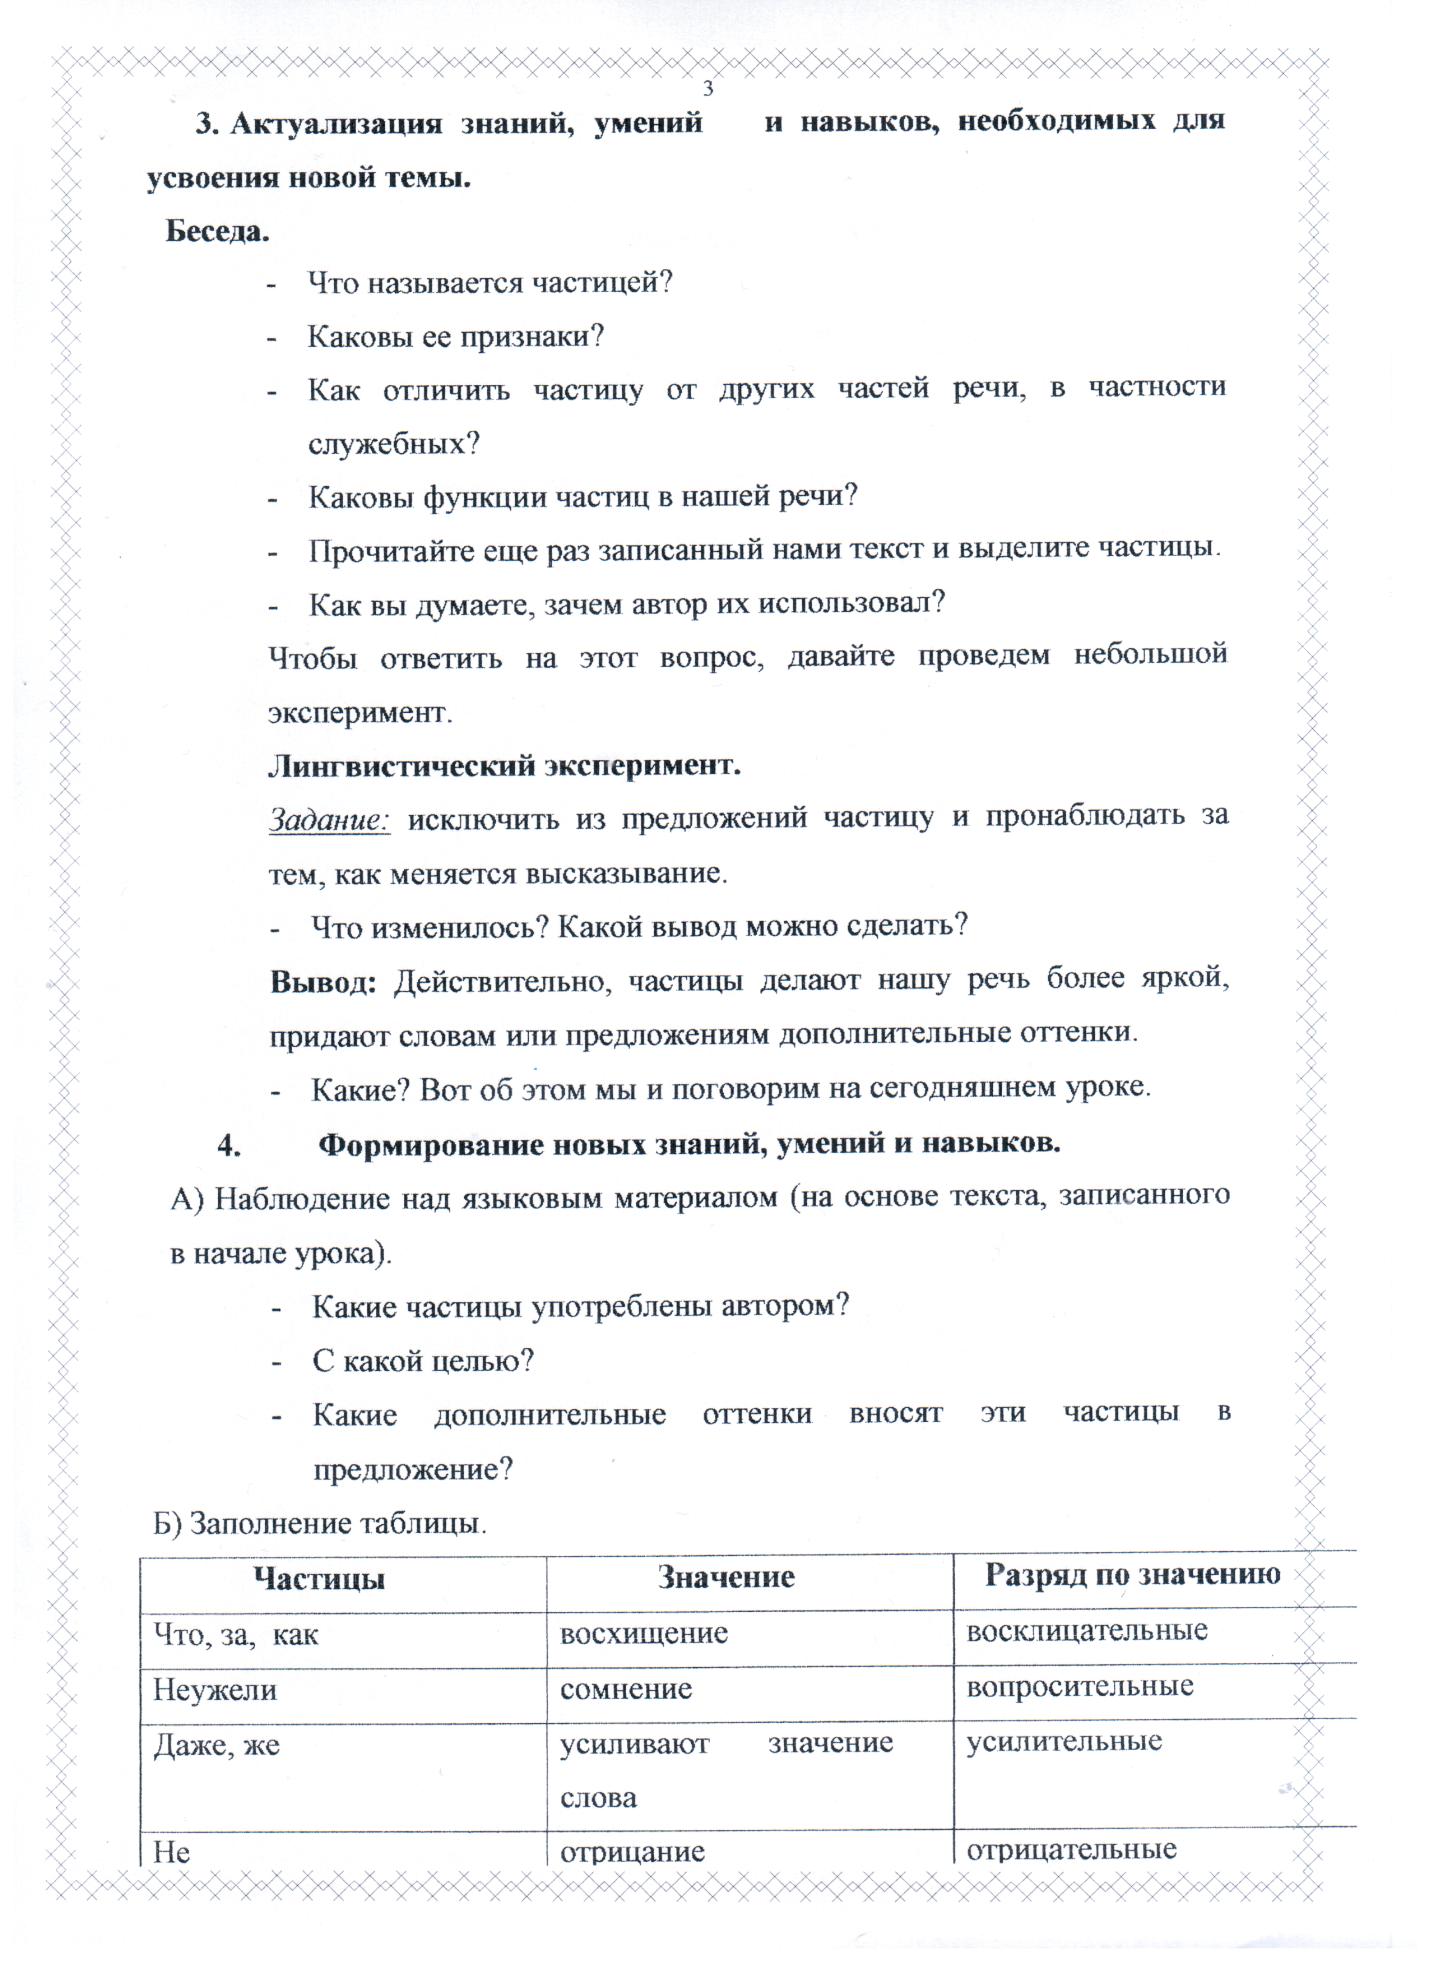 Отсканировано 14.01.2015 0-06 (4).bmp